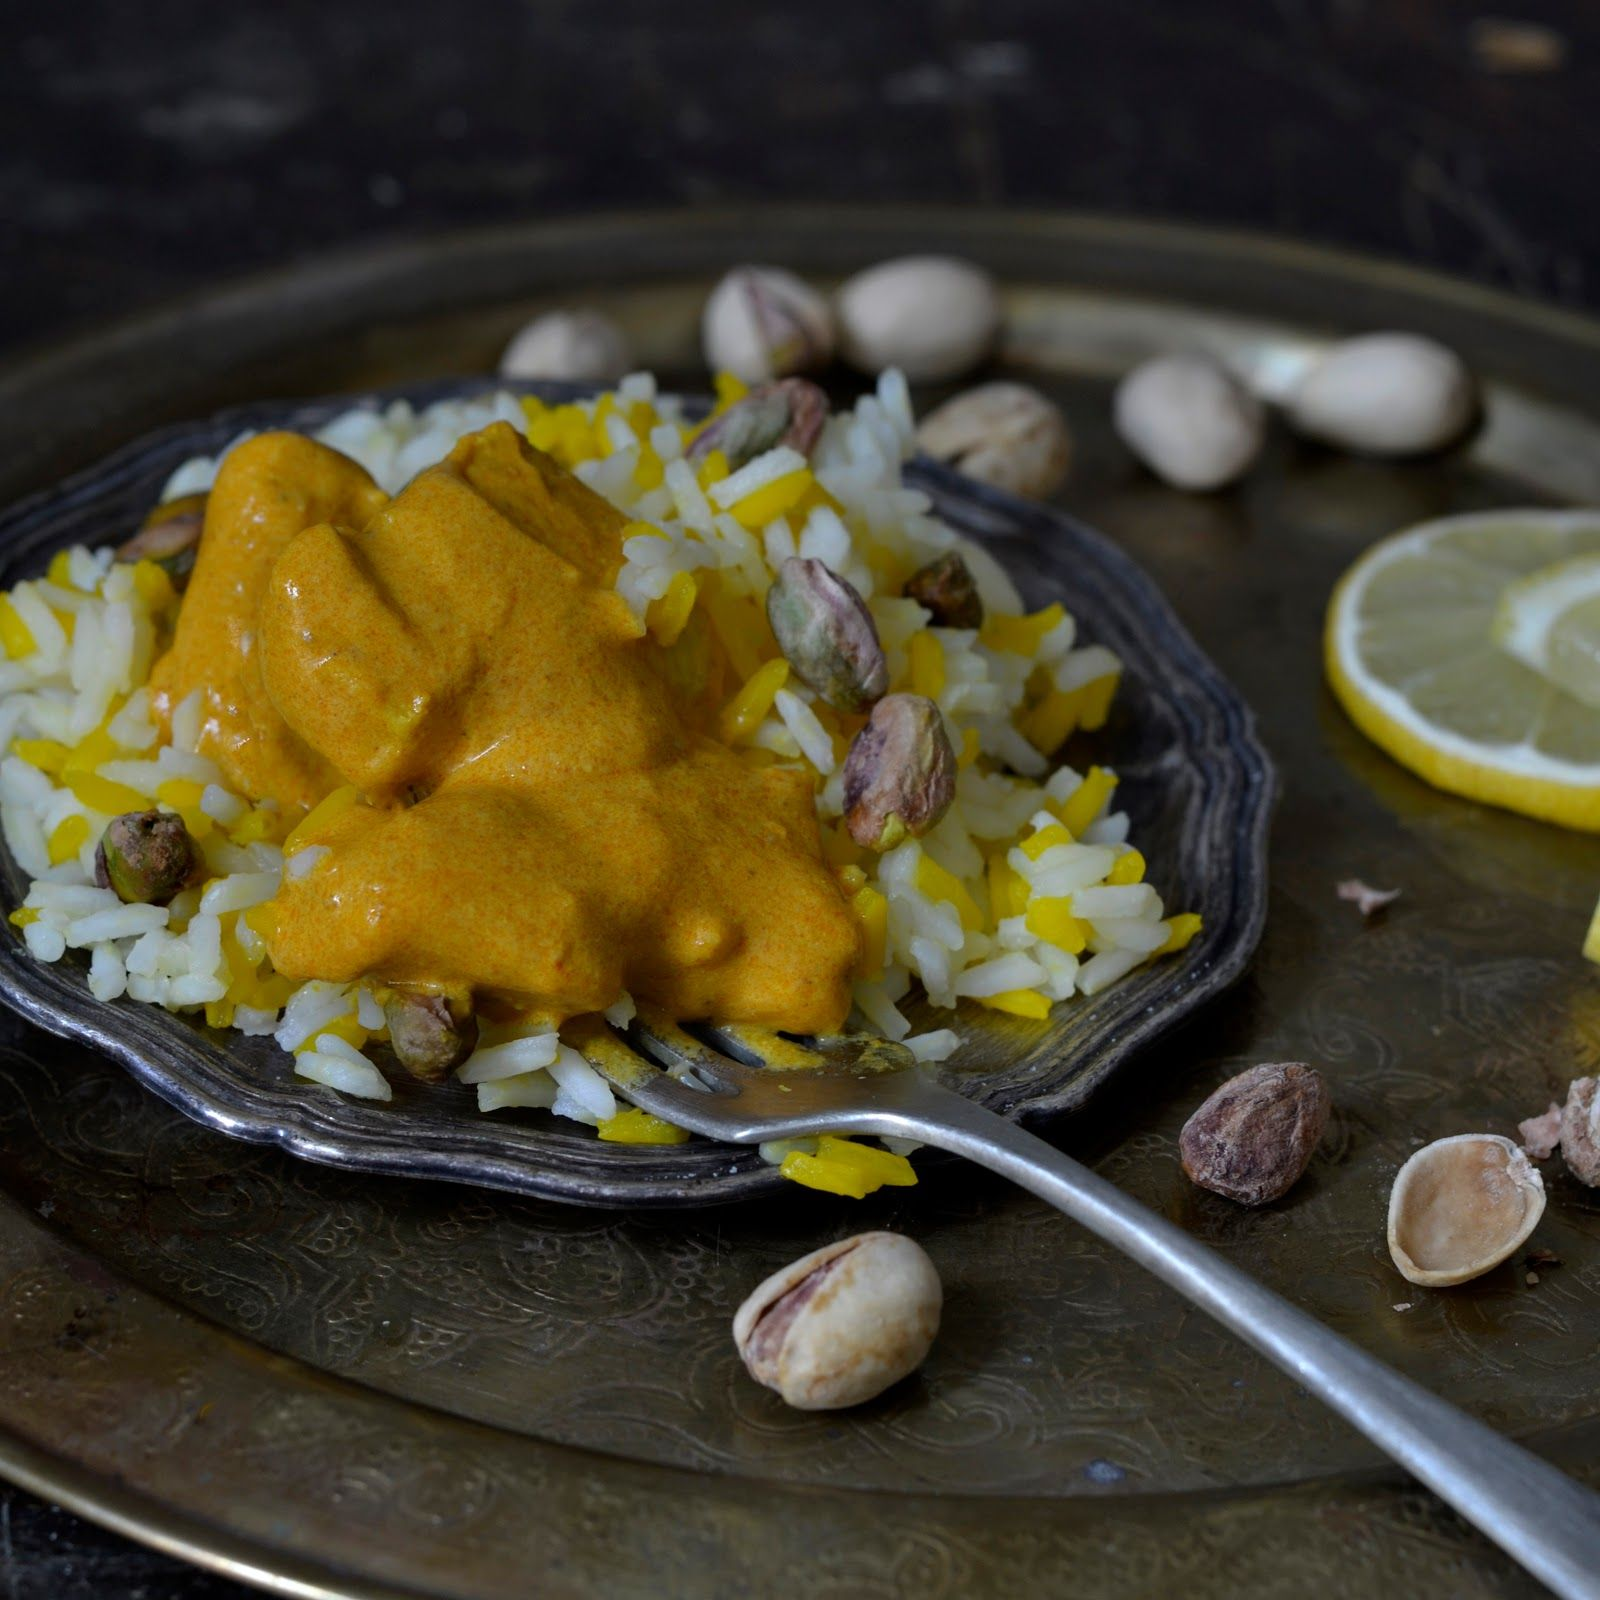 Cocina Vegetariana Blog   Blog Cocina Y Gastronomia Recetas Faciles Y Sencillas Cocina